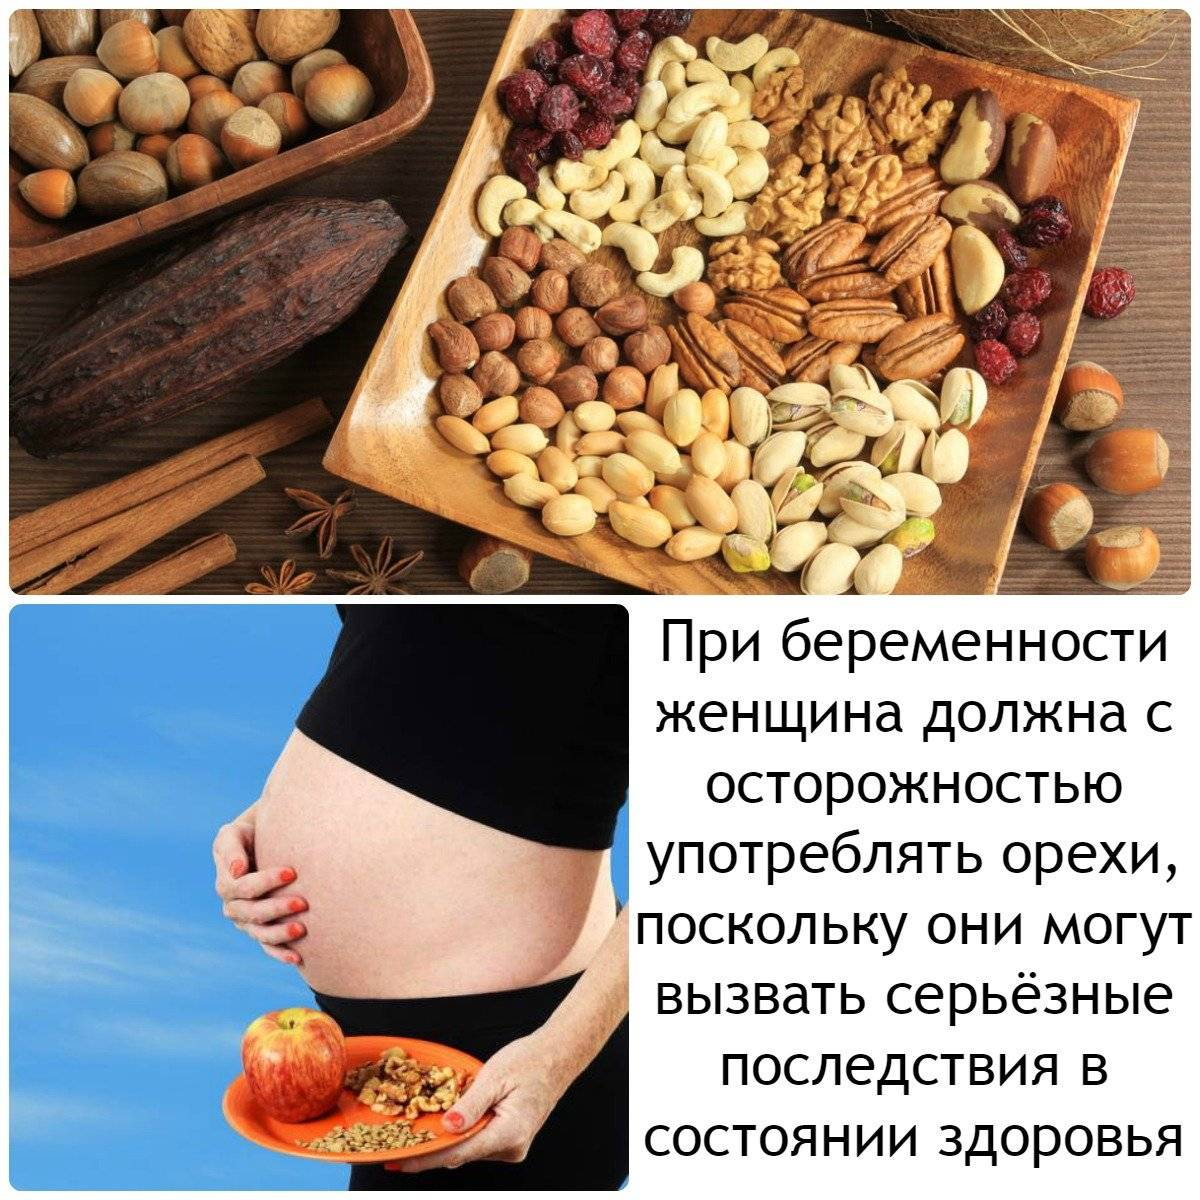 Грецкие орехи при беременности: польза и противопоказания